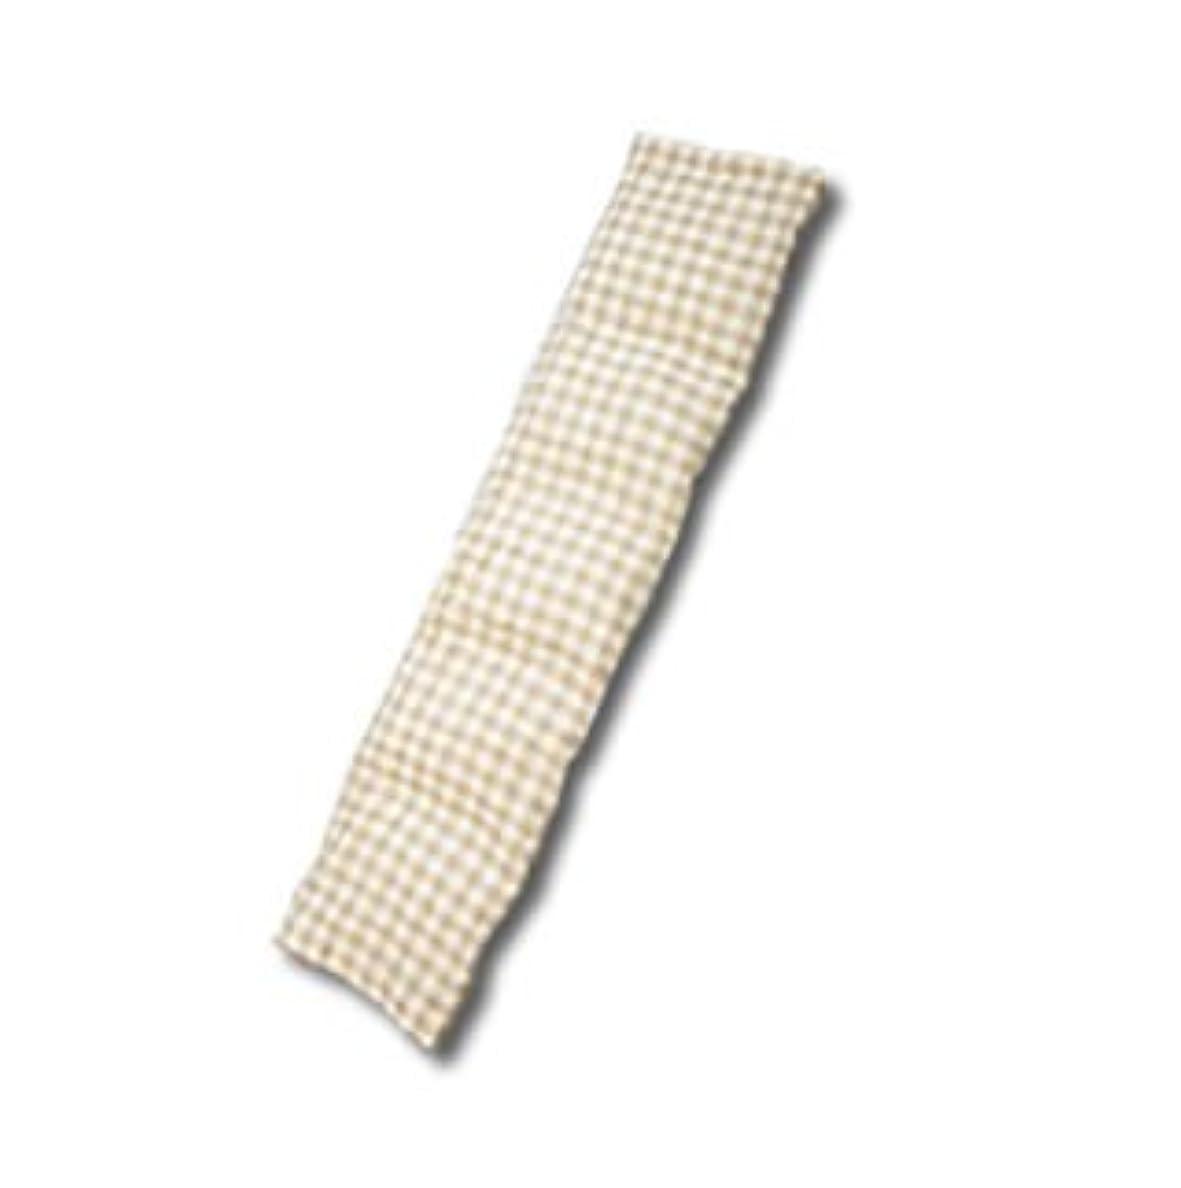 糸キャラクターあらゆる種類の手作り温熱ハーブパット「よもごこち」 ロング 13cm×57cm